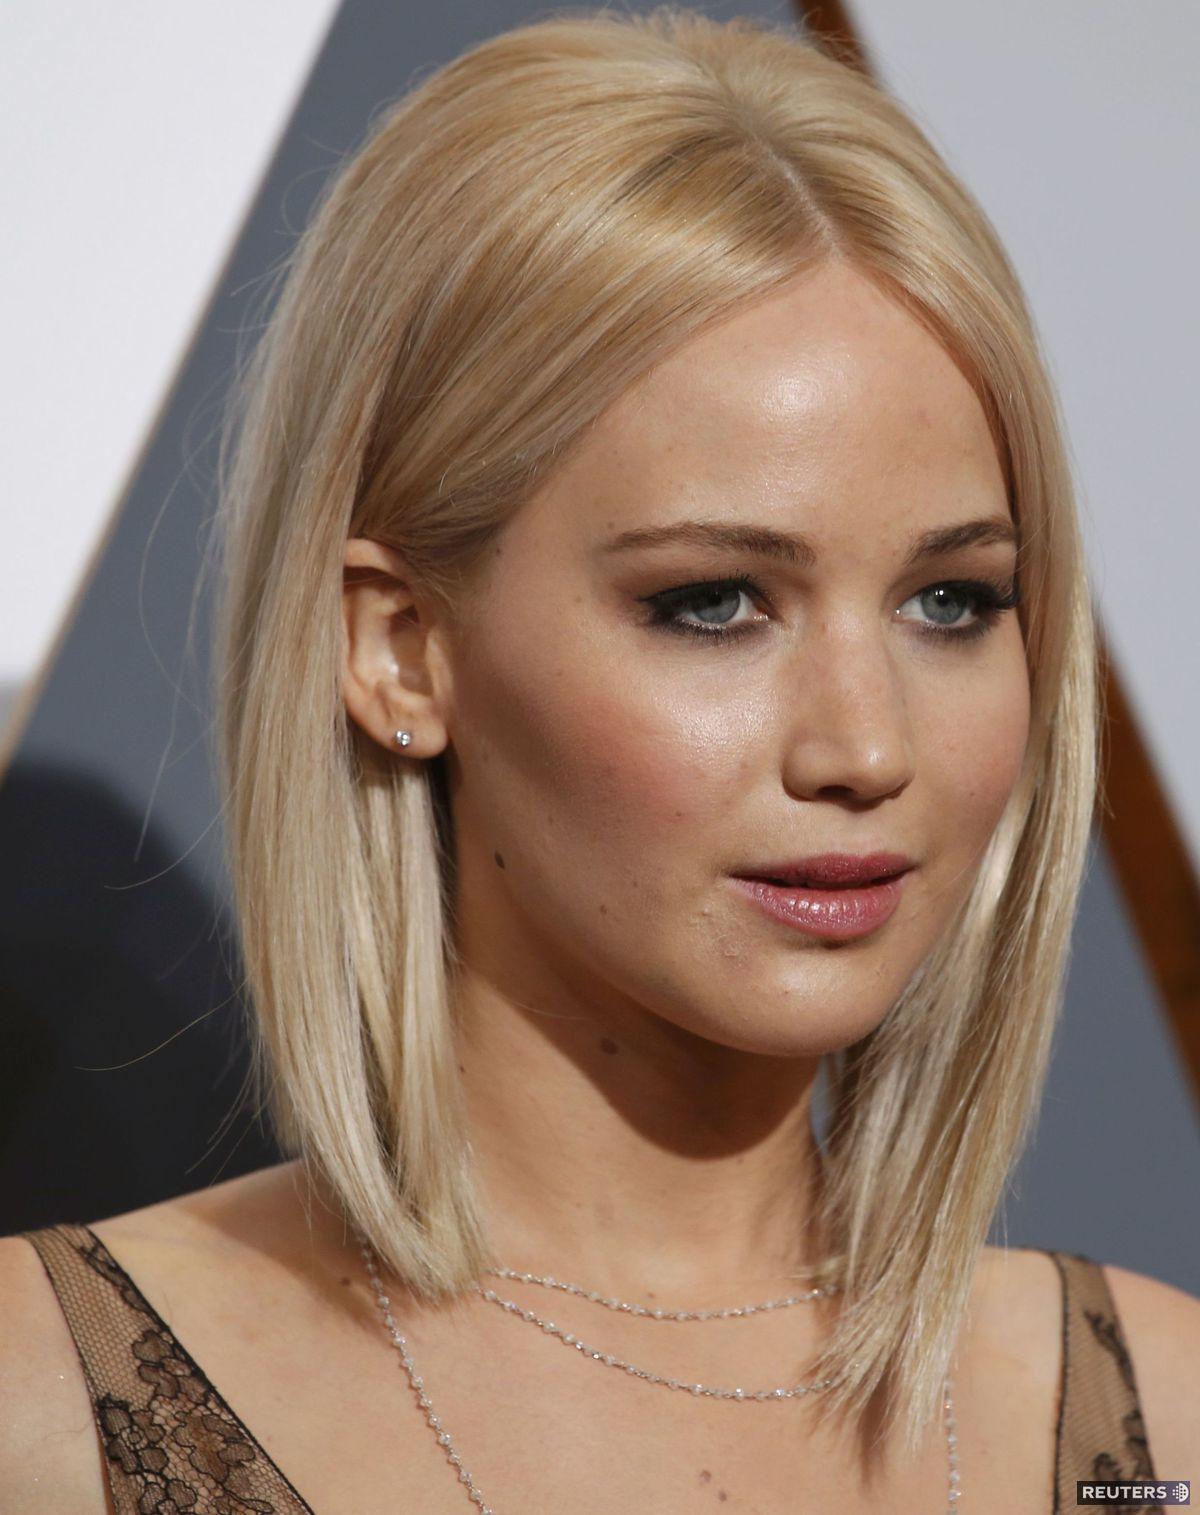 Plavý bob herečky Jennifer Lawrenceovej sa stal jedným z výnimočných účesov 88. ročníka Oscarov. Až platinový odtieň vlasov dominoval pôvabu tejto dámy, ktorá líčenie volila v nežnom a dievčenskom vyznení. So zjednotenou a rozjasnenou pokožkou a výraznejšími očami.